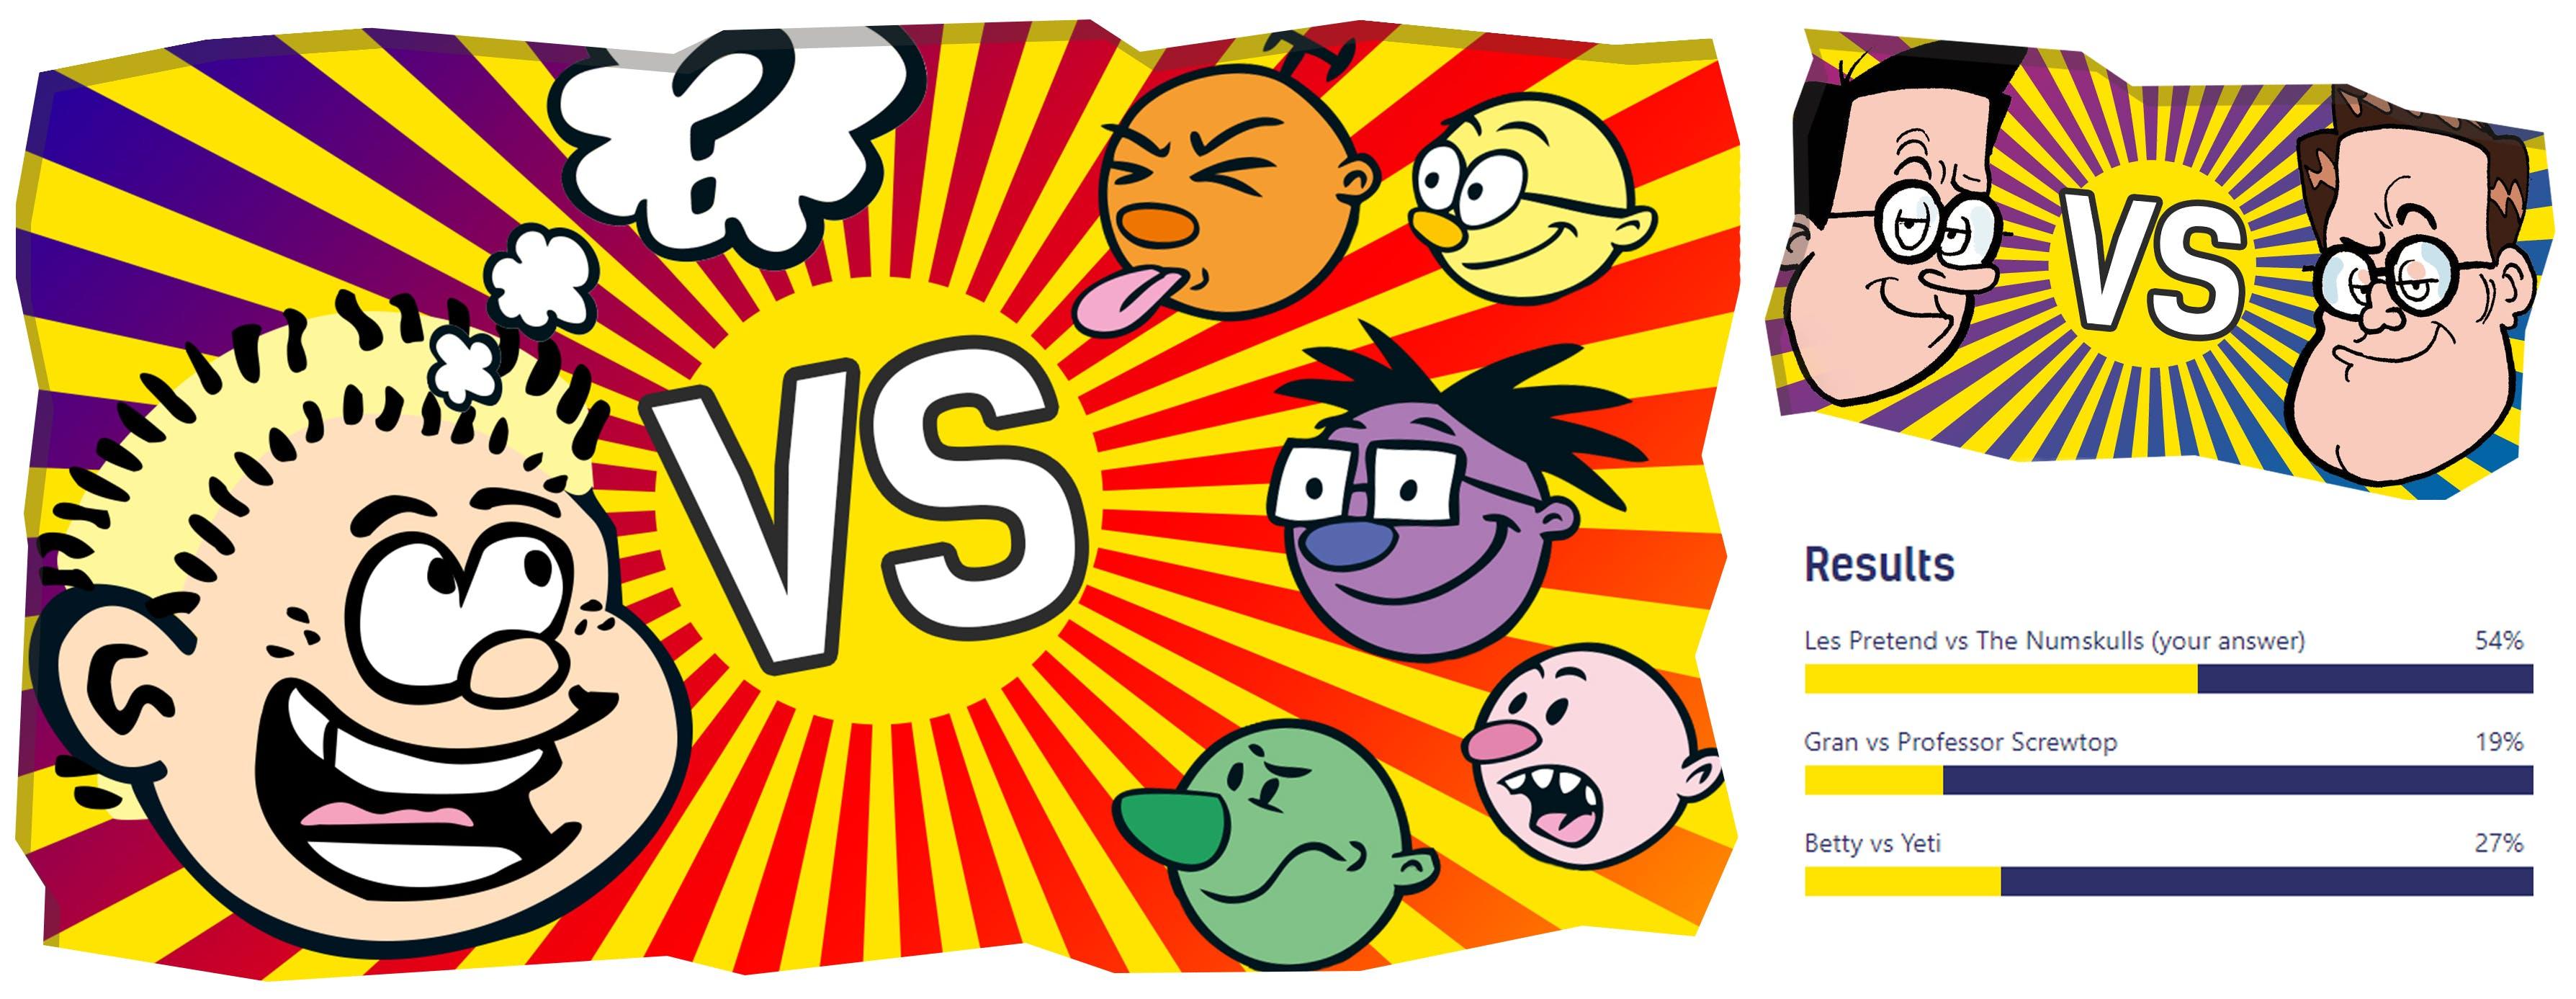 Last week - Walter beat Wilbur; This week - Les Pretend versus The Numskulls!